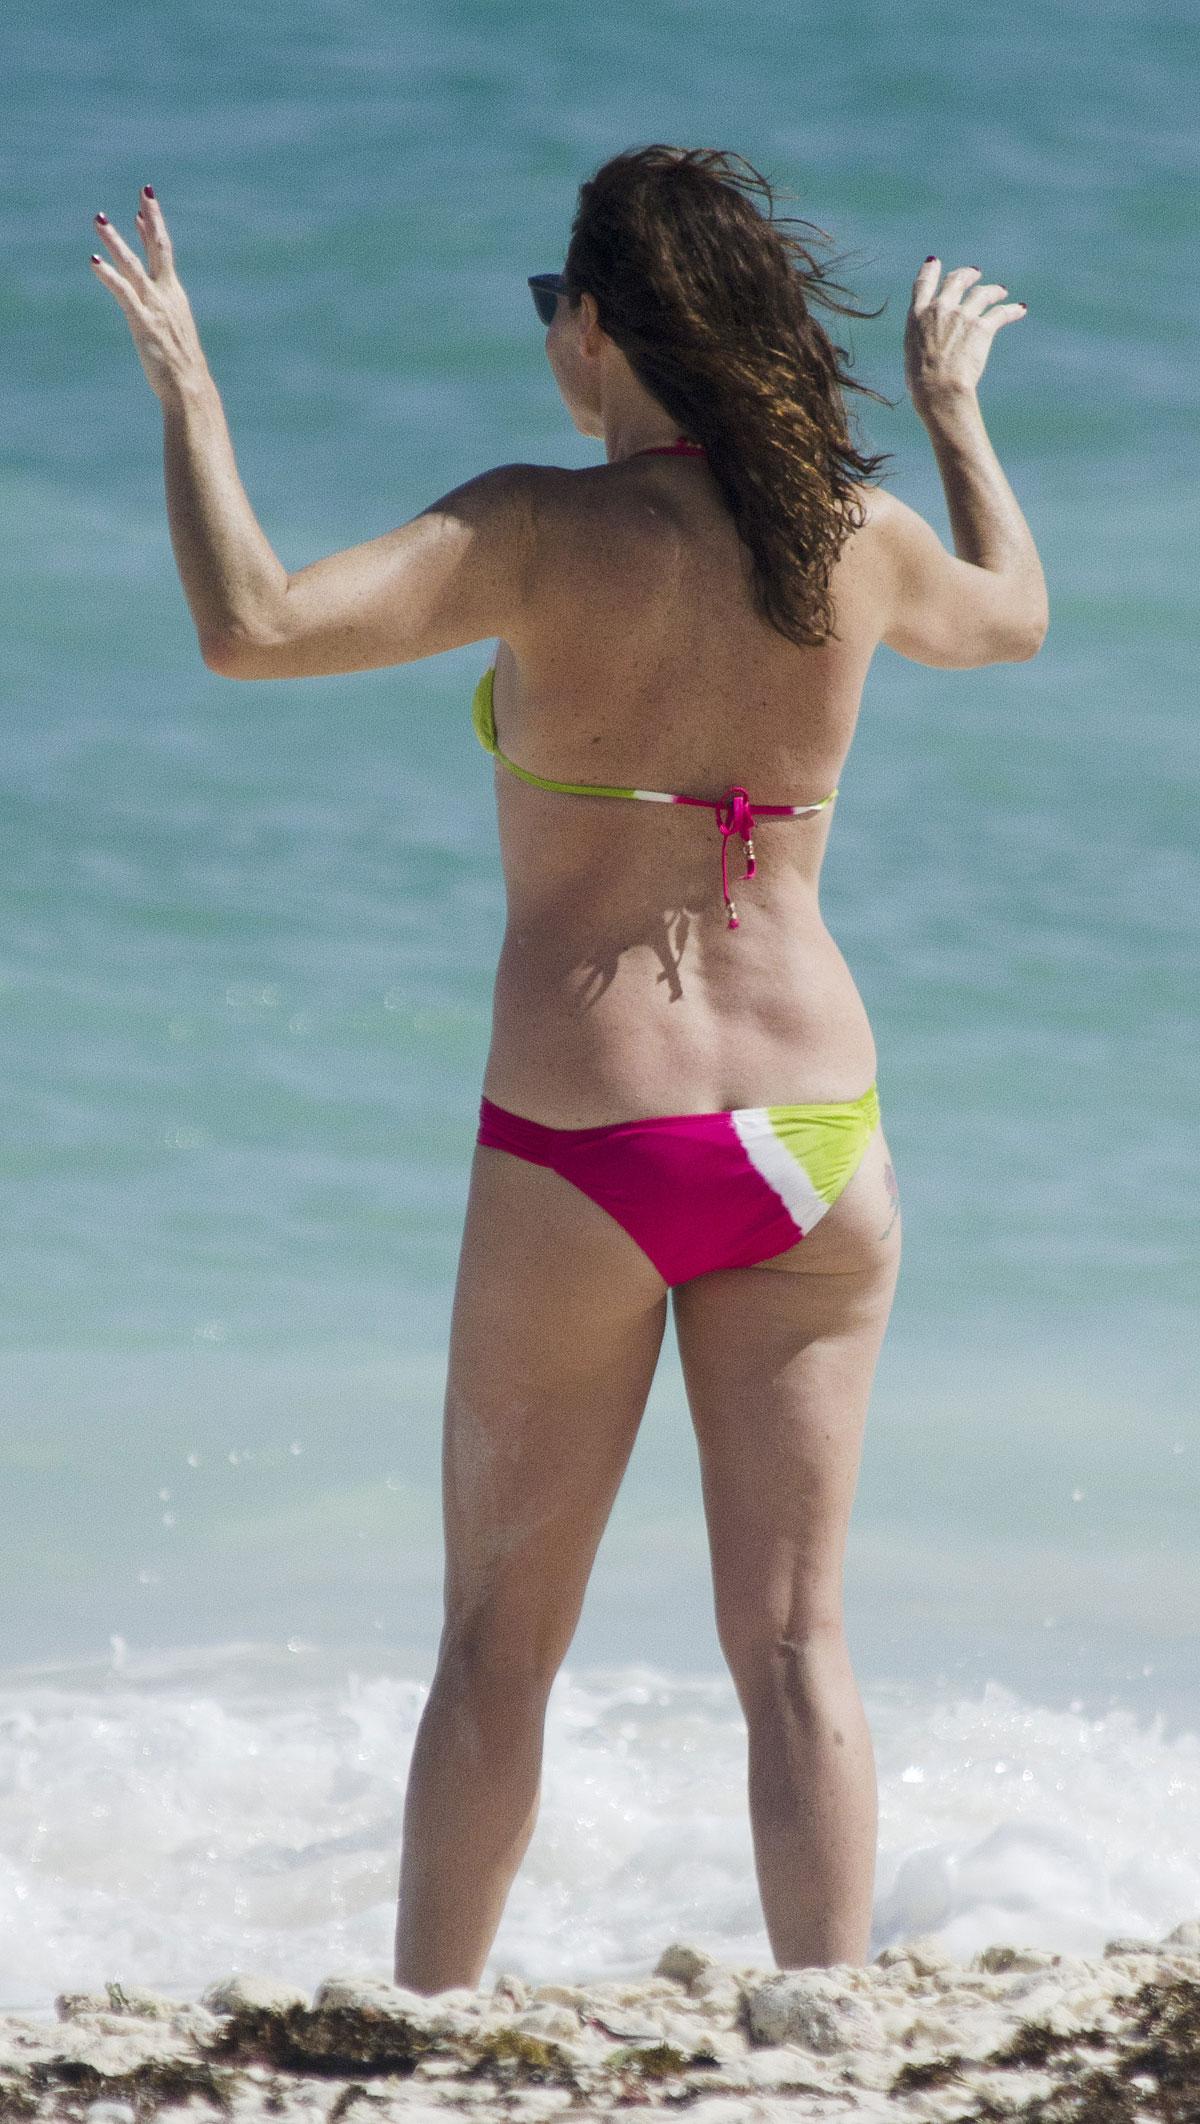 Bikini Minnie Driver nude (87 photo), Hot